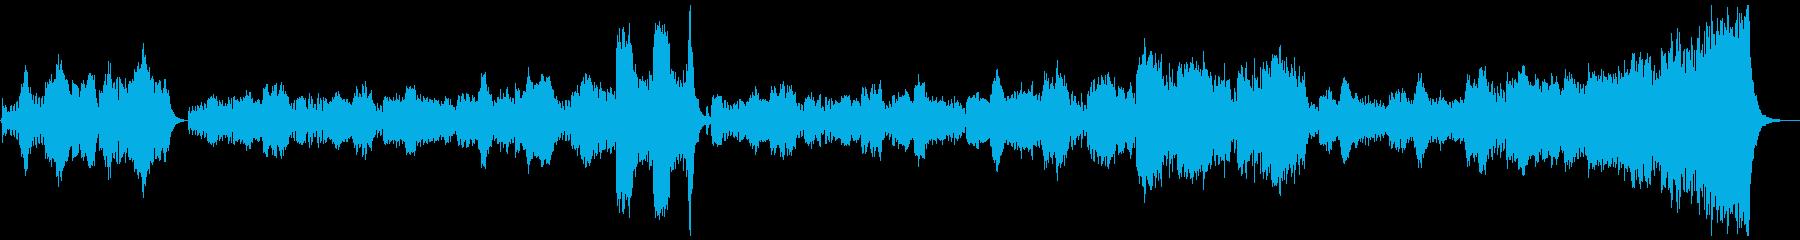 乾杯の歌 歌唱置き換え版の再生済みの波形